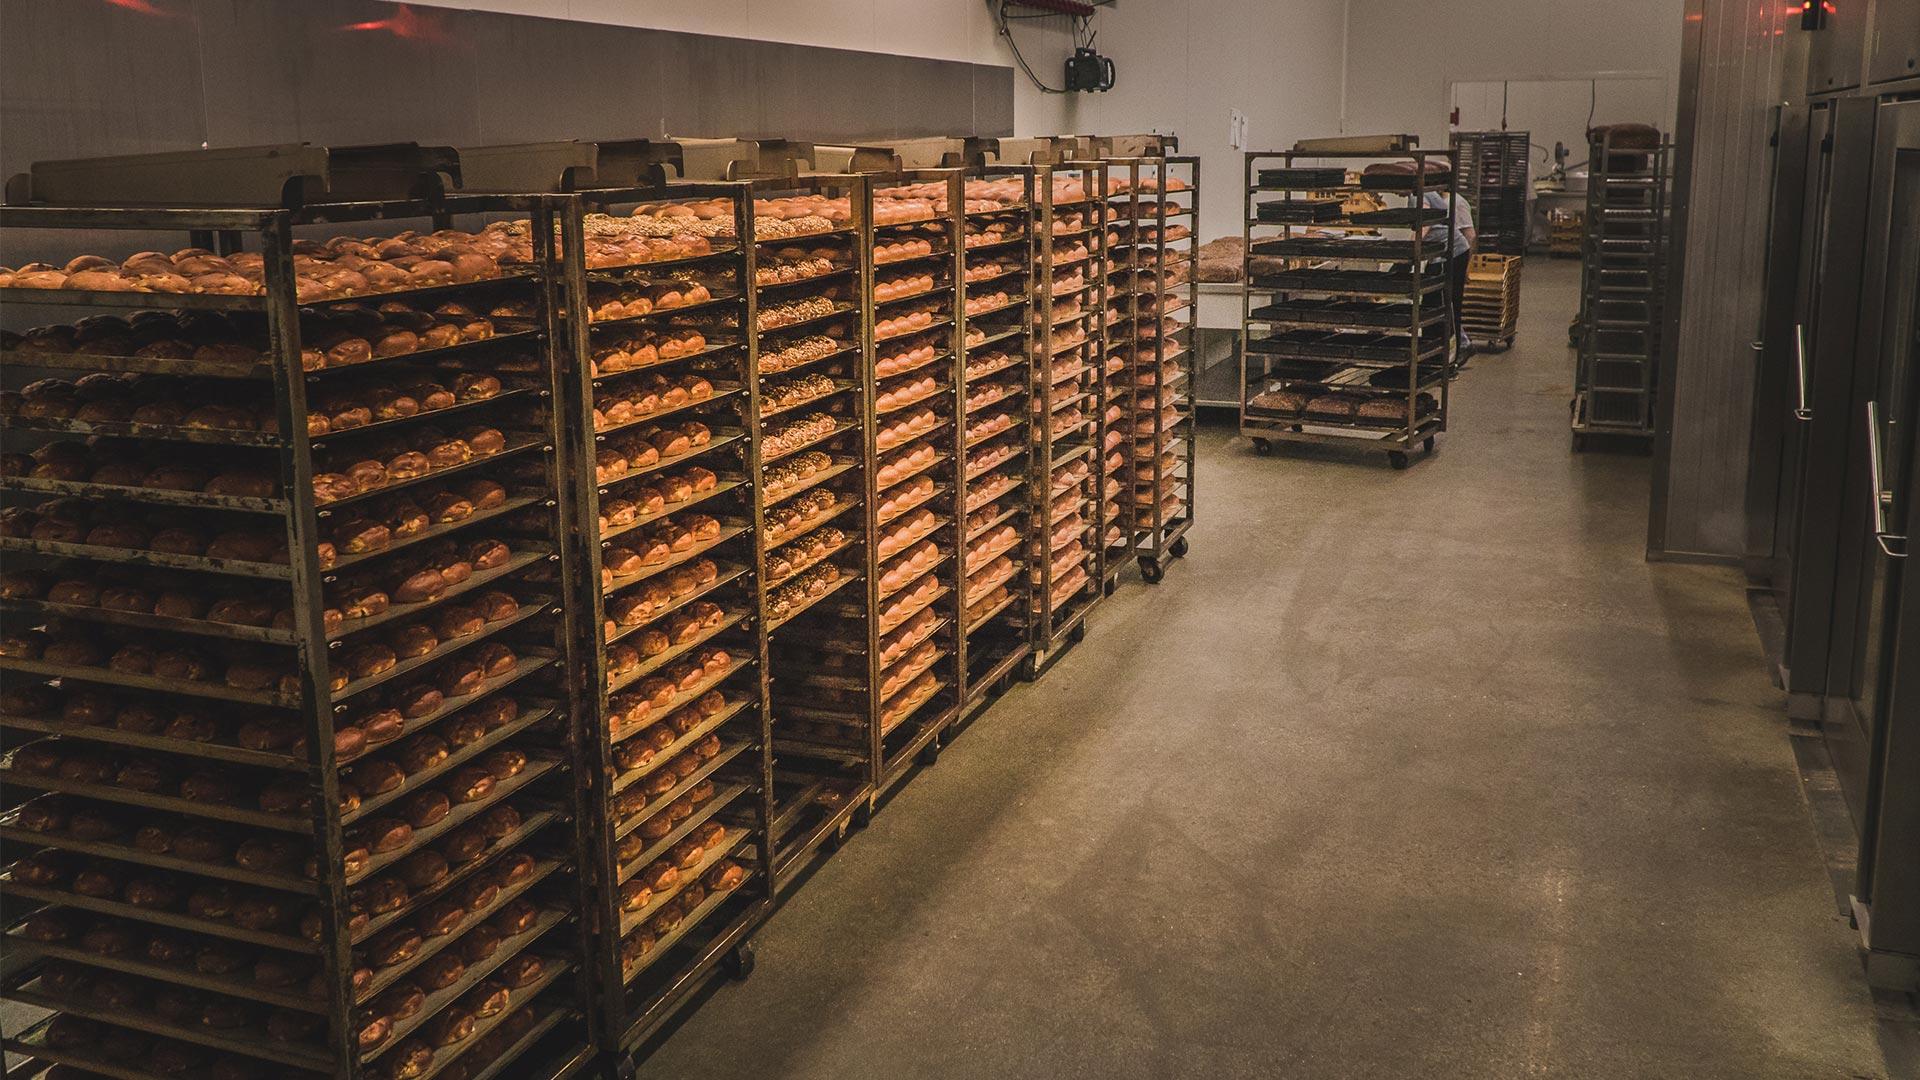 Ook voor bedrijven bakt bakkerij Vooges het lekkerste brood en banket